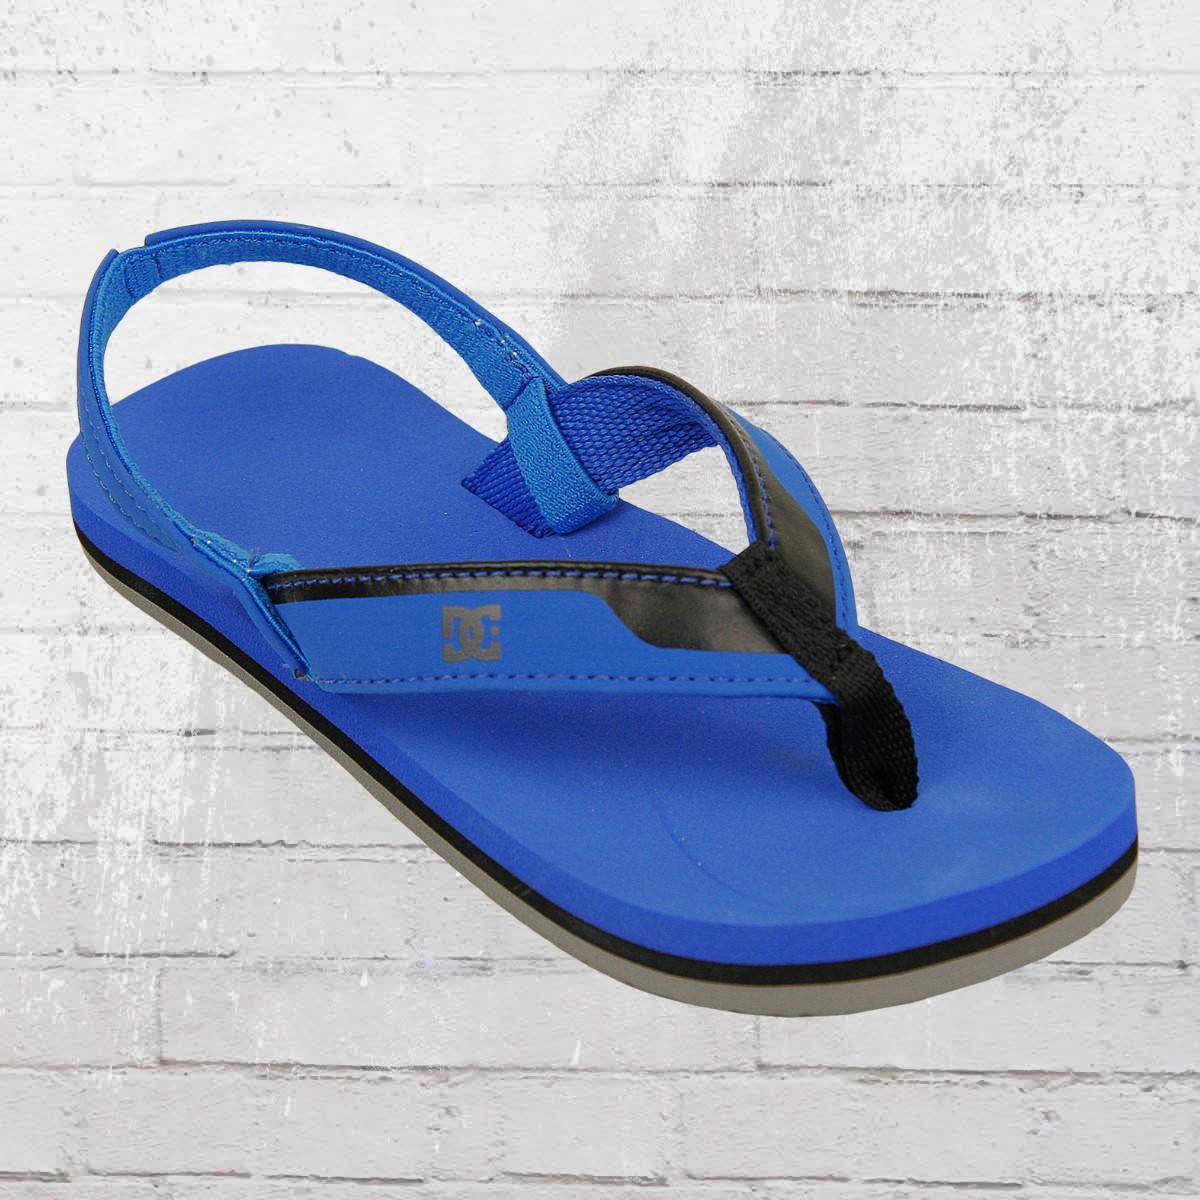 Jetzt Shoes Baby Und Kinder Zehentrenner Sandalen BestellenDc Y76gybf